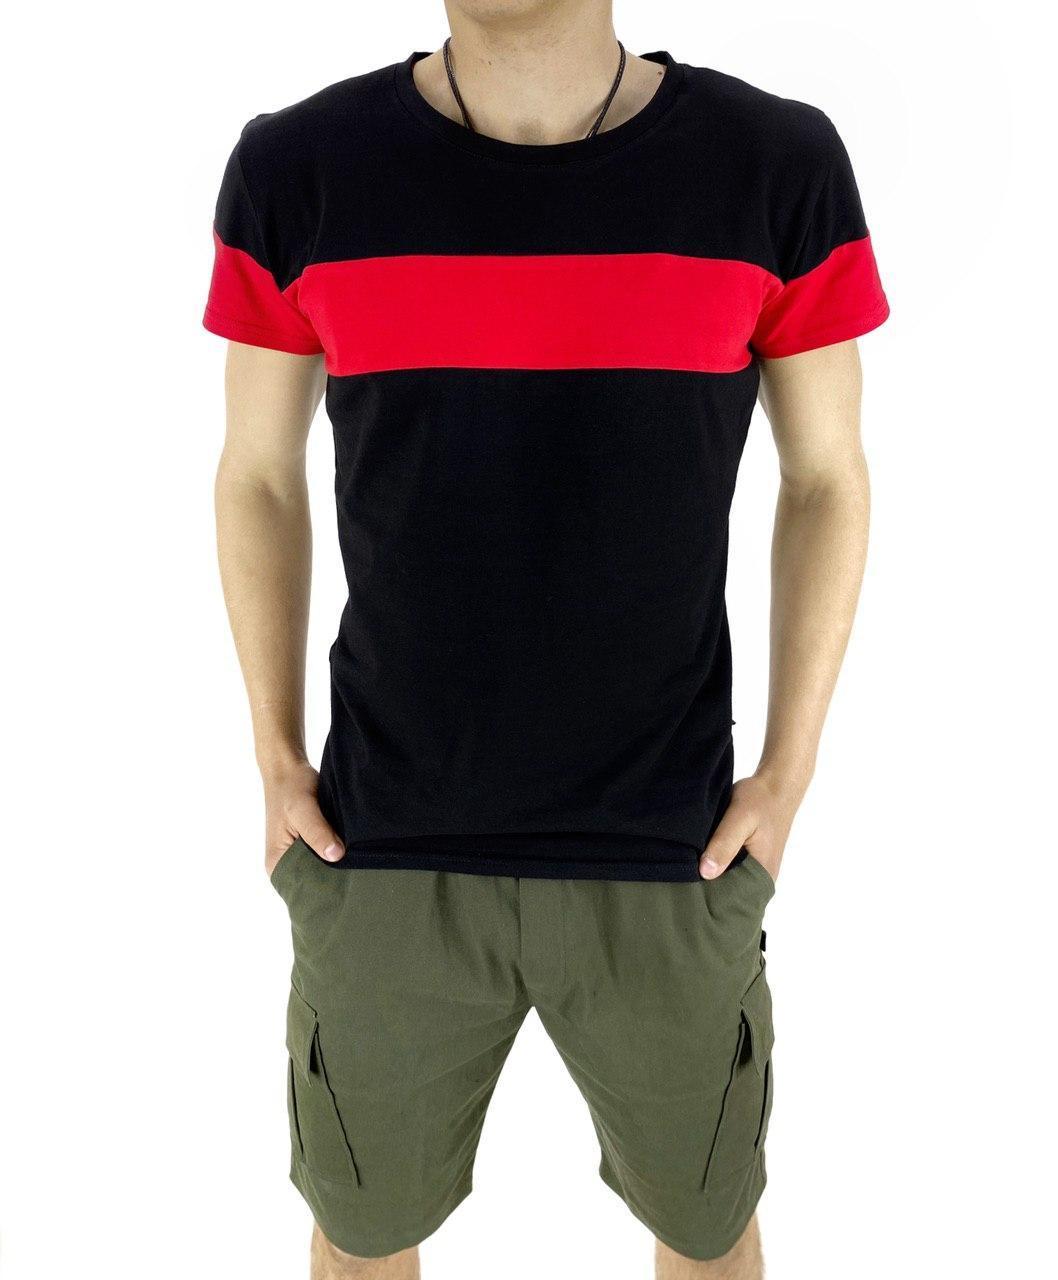 """Комплект Футболка """"Color Stripe"""" черная - красная + Шорты Miami хаки Intruder"""